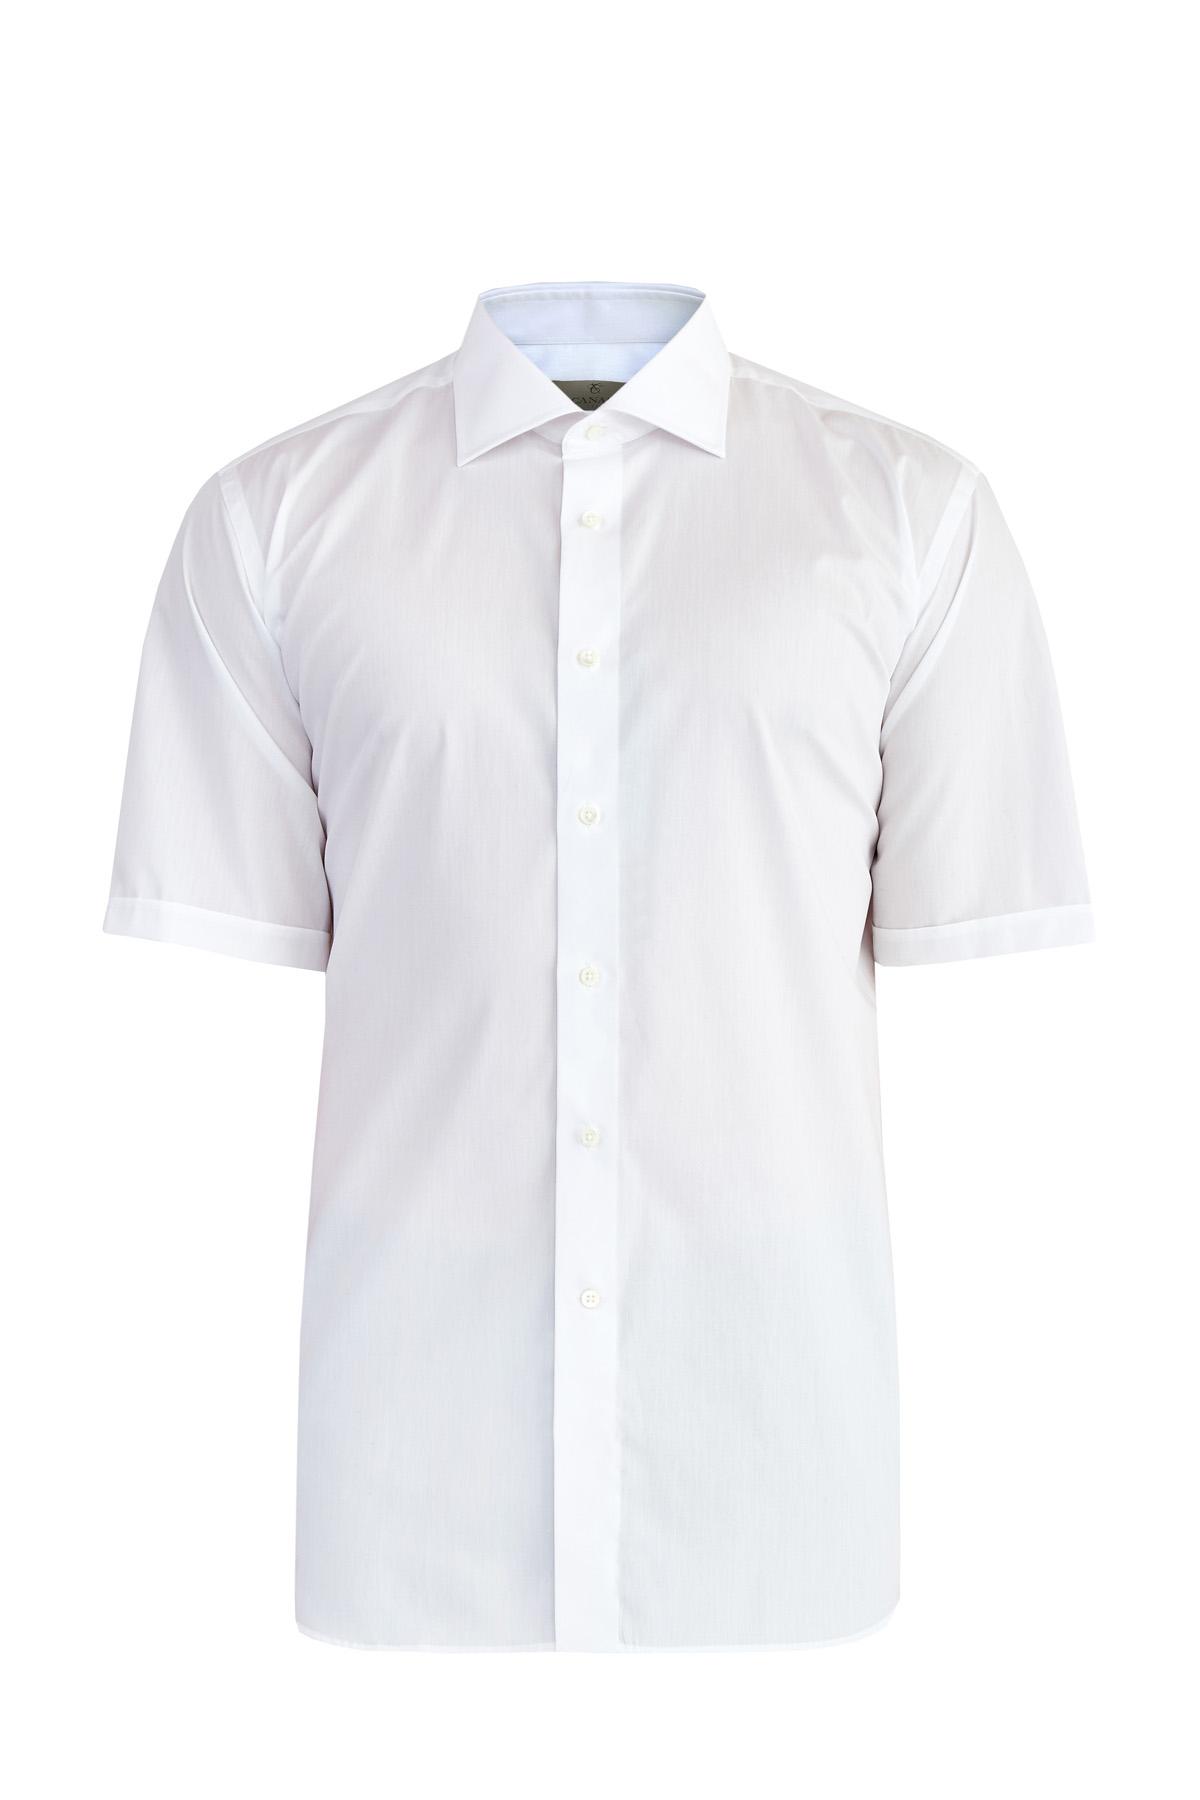 Базовая белая рубашка с коротким рукавом из поплина Impeccabile